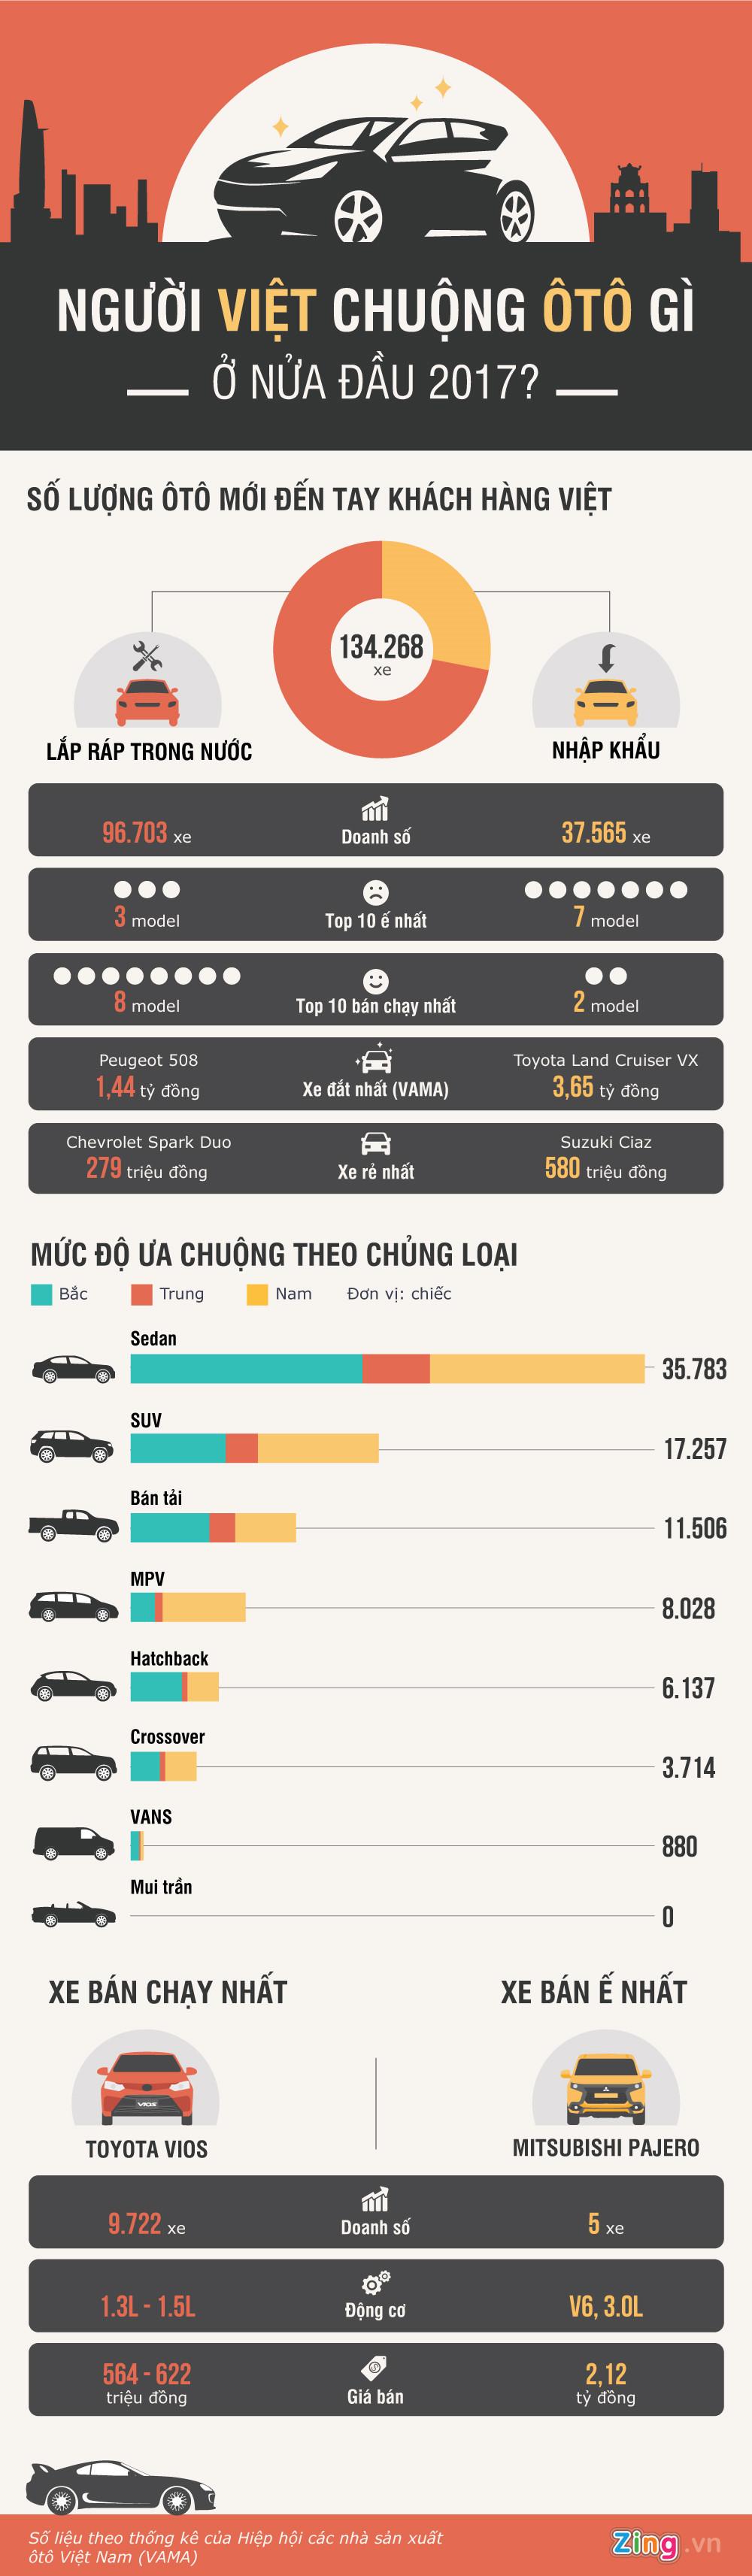 mua ô tô, mua xe, mua ô tô cũ, ô tô giá rẻ, xe cũ, ô tô cũ, ô tô nhập